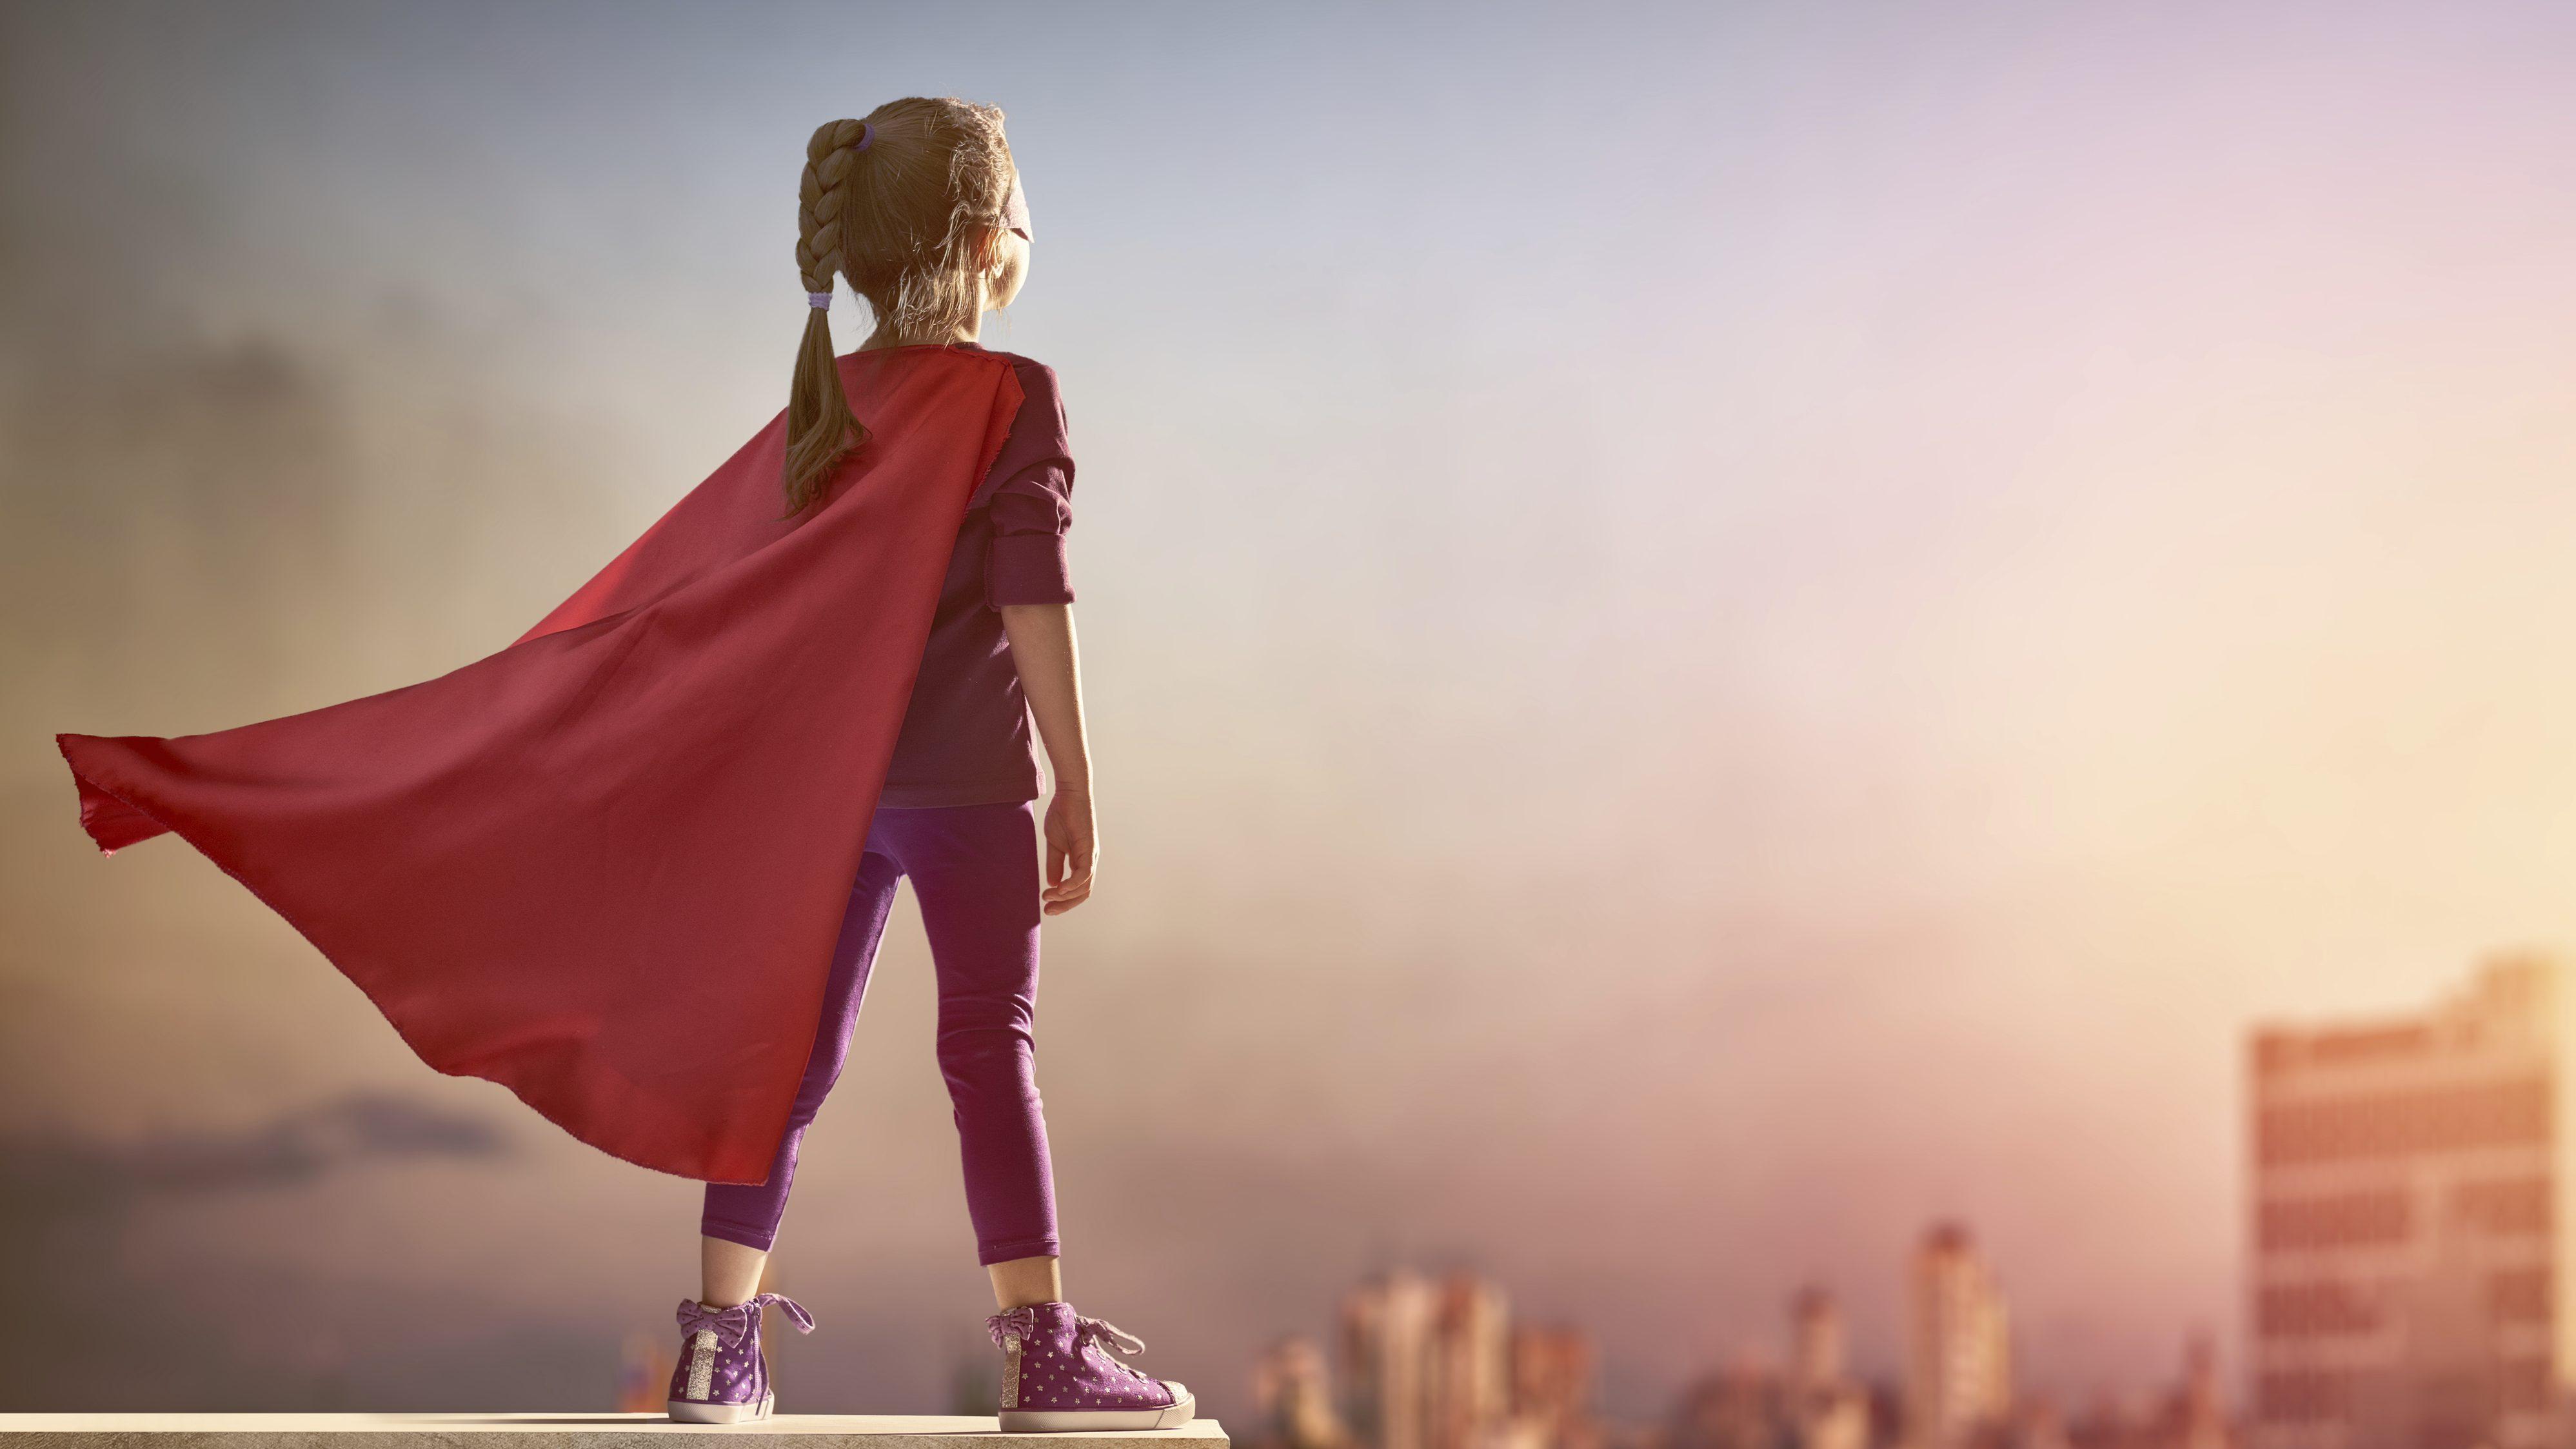 7 Sprawdzonych Metod, dzięki którym Zbudujesz Pewność Siebie u Swojego Dziecka w Mniej Niż Miesiąc